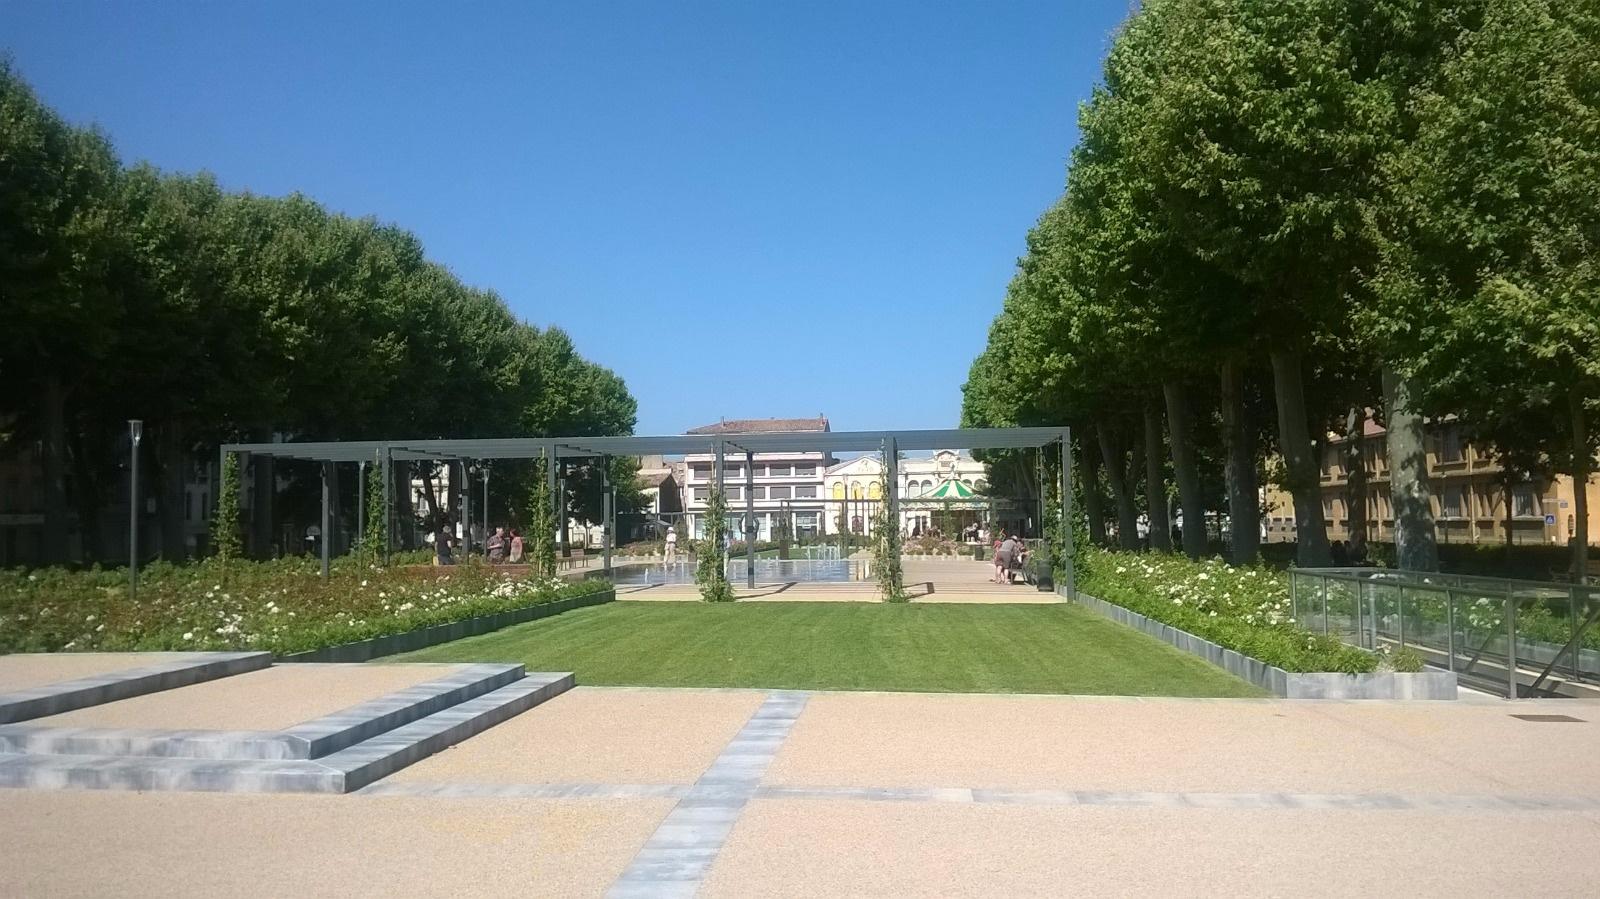 Vente garage square gambetta carcassonne - Garage nissan carcassonne ...